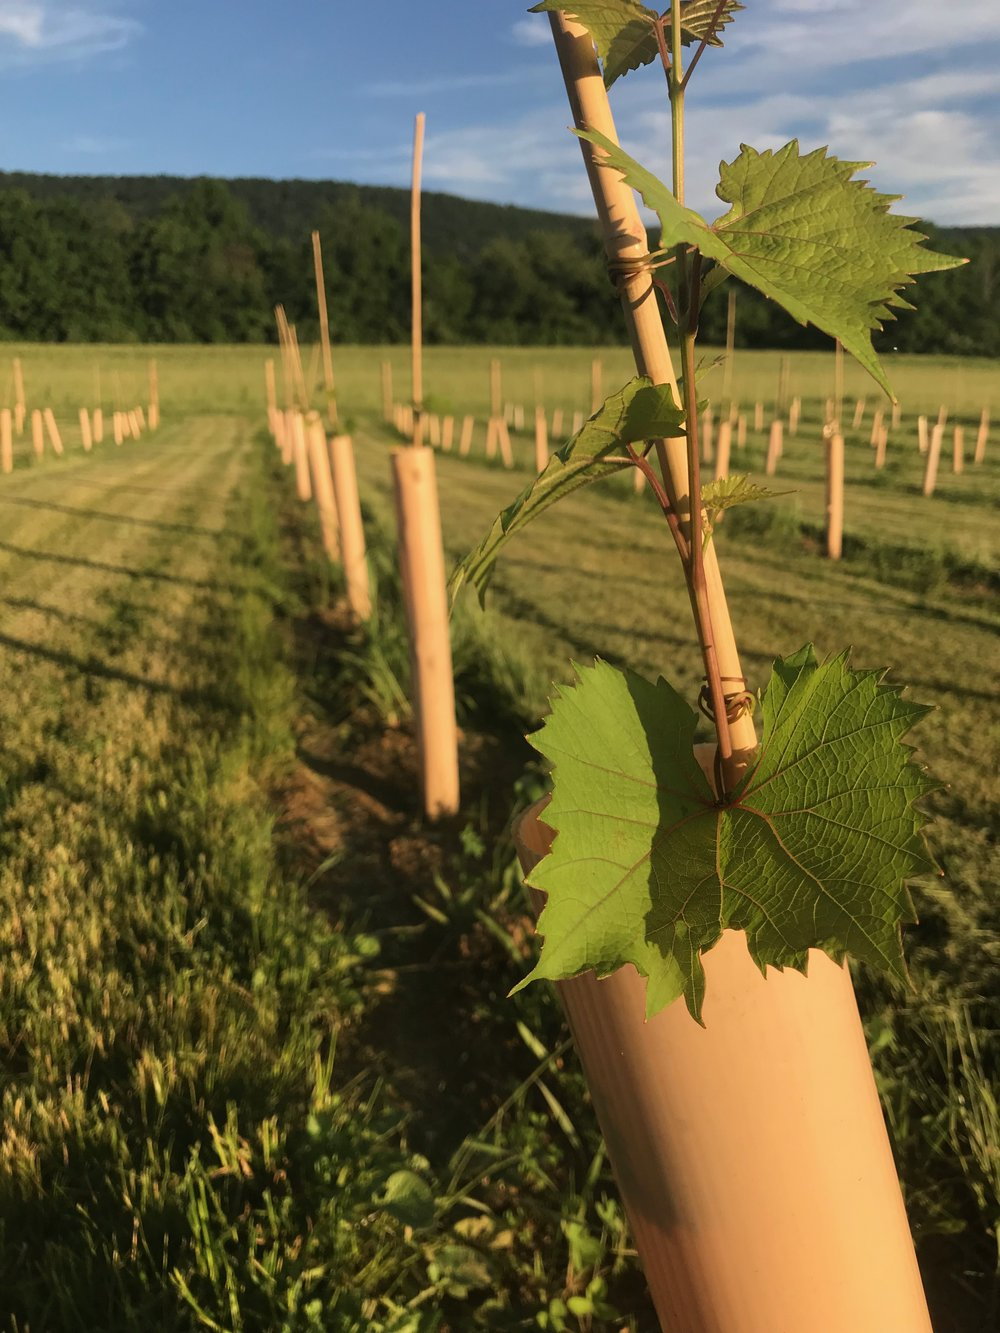 Vines growing. Looking good!